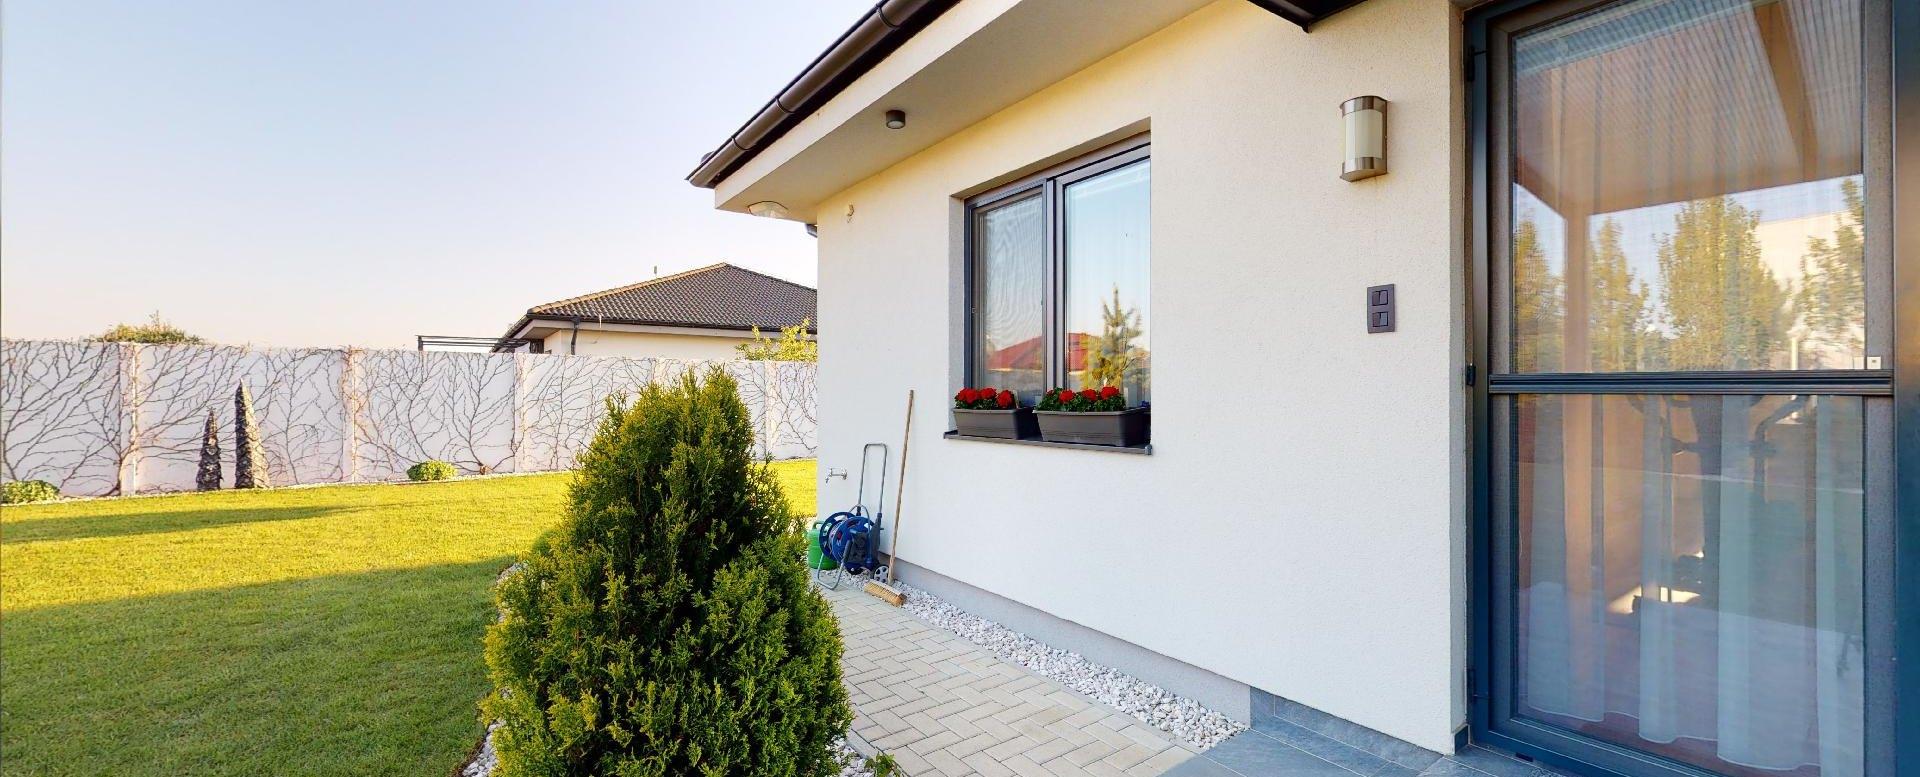 pohľad na vstup do domu z terasy